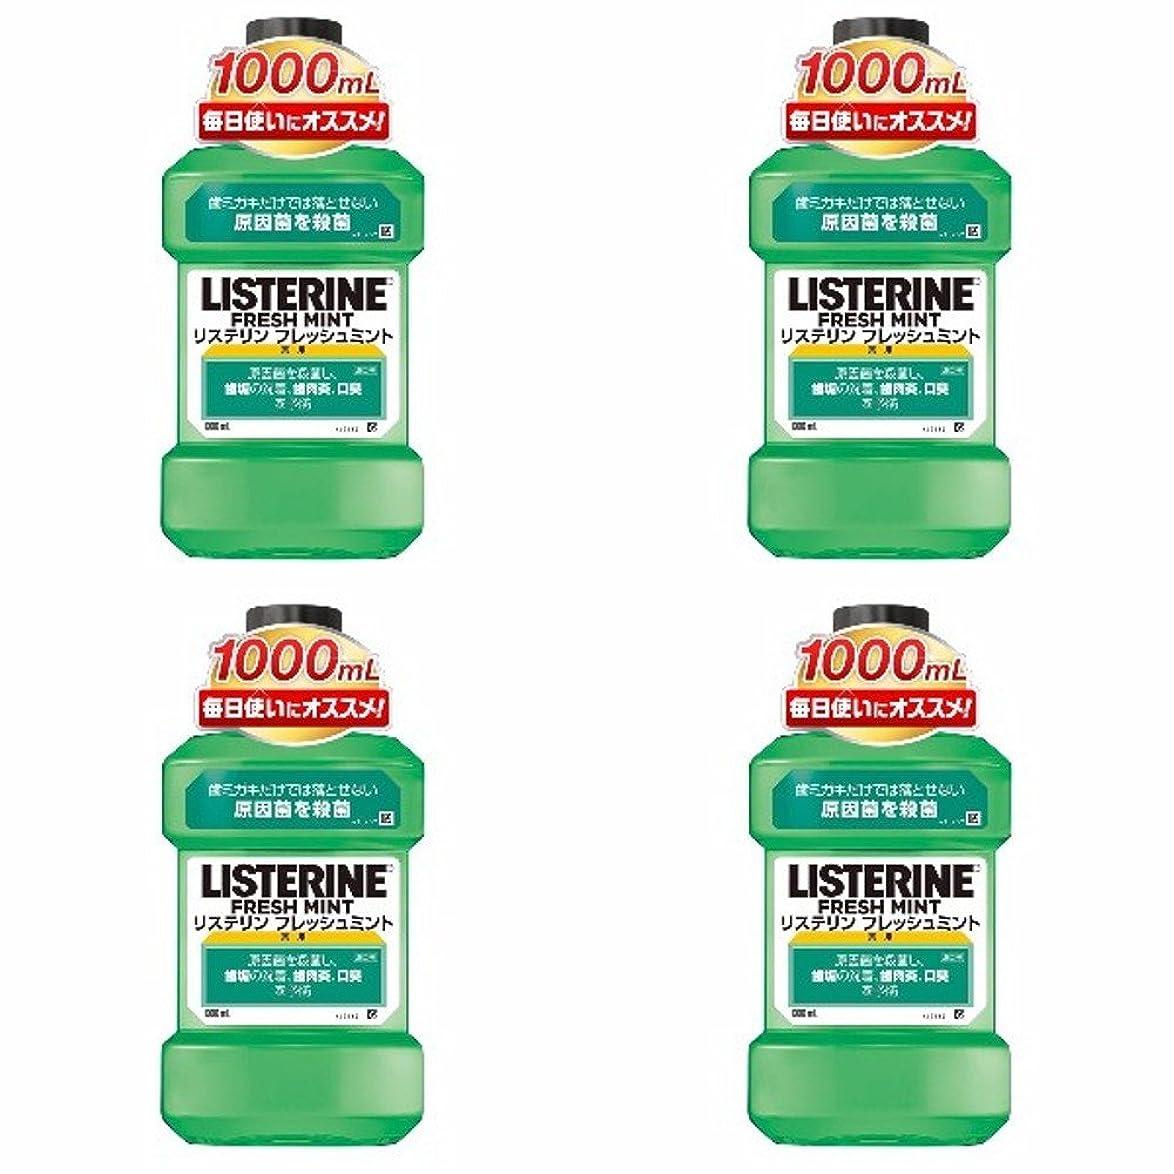 提唱する意外どちらも【まとめ買い】薬用 LISTERINE リステリン フレッシュミント 1000ml×4個